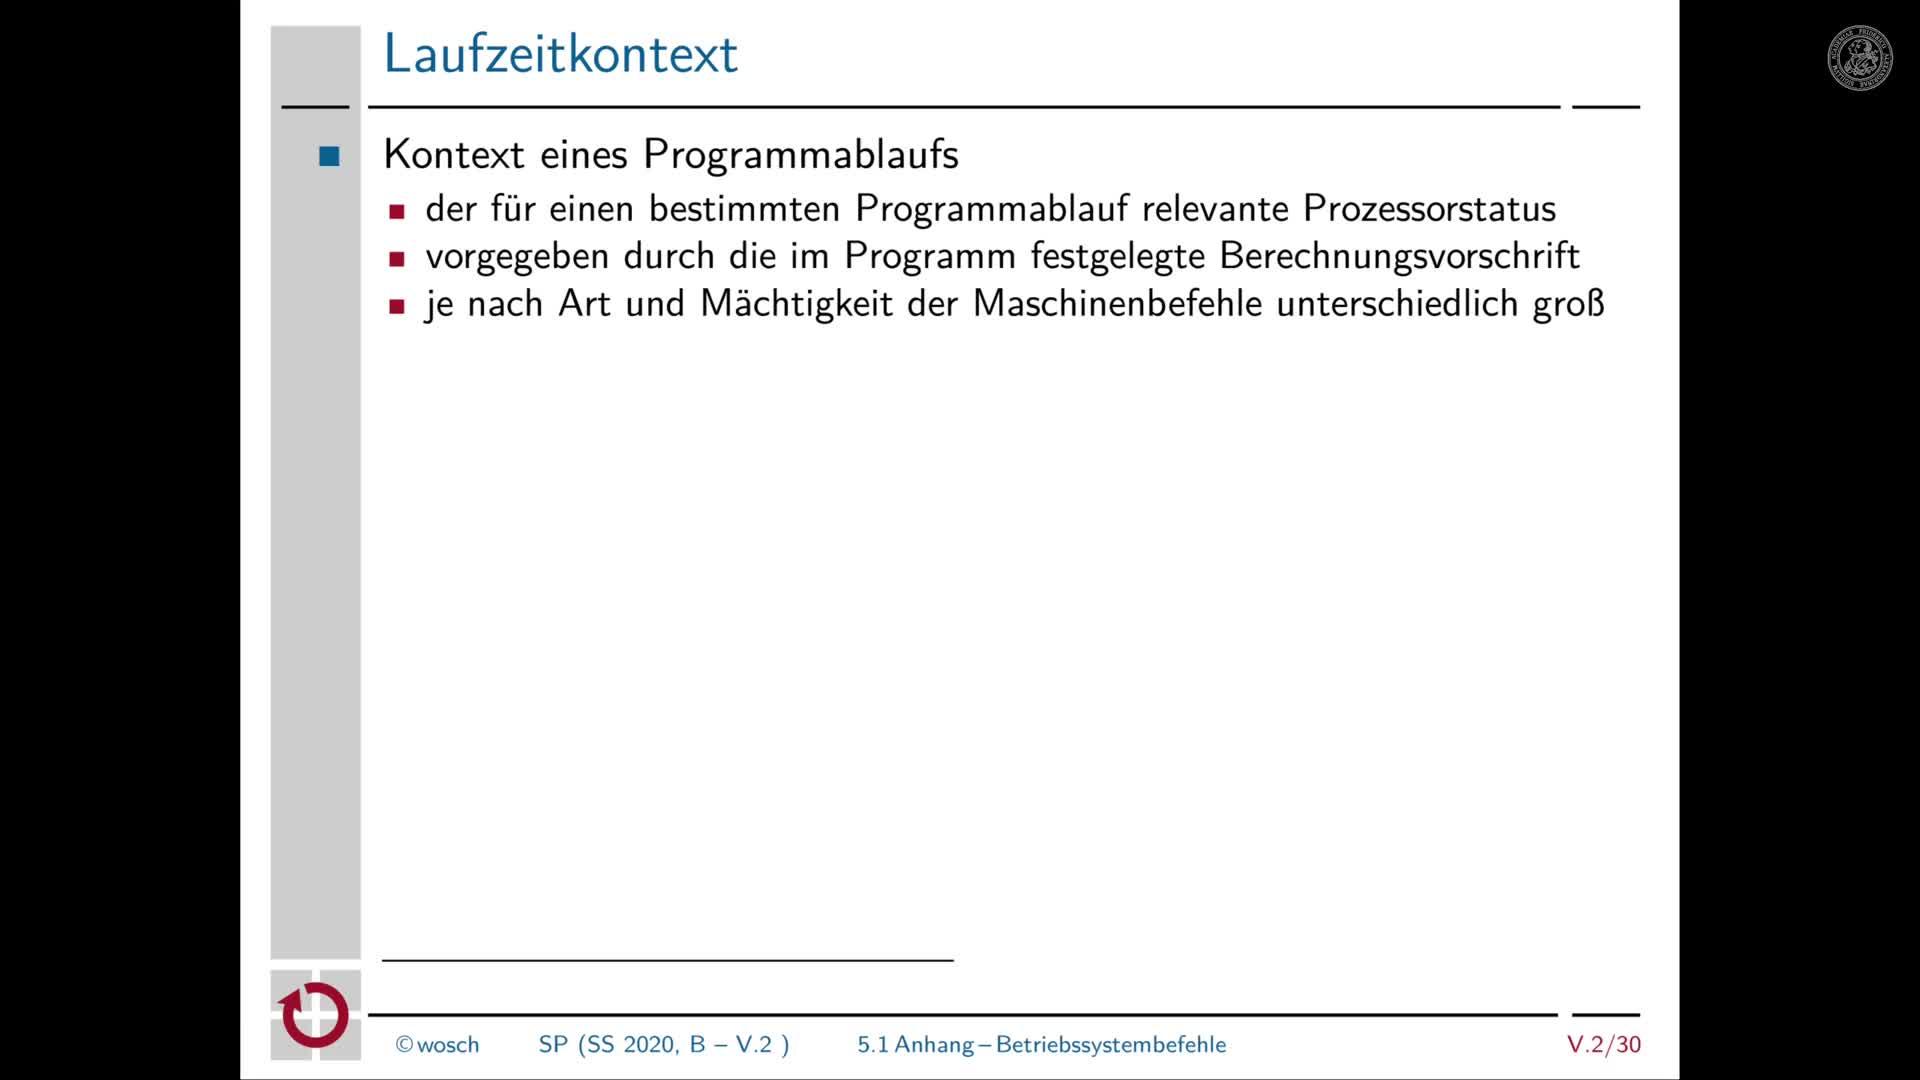 5.2.6 Rechnerorganisation: Anhang zu Betriebssystembefehlen preview image